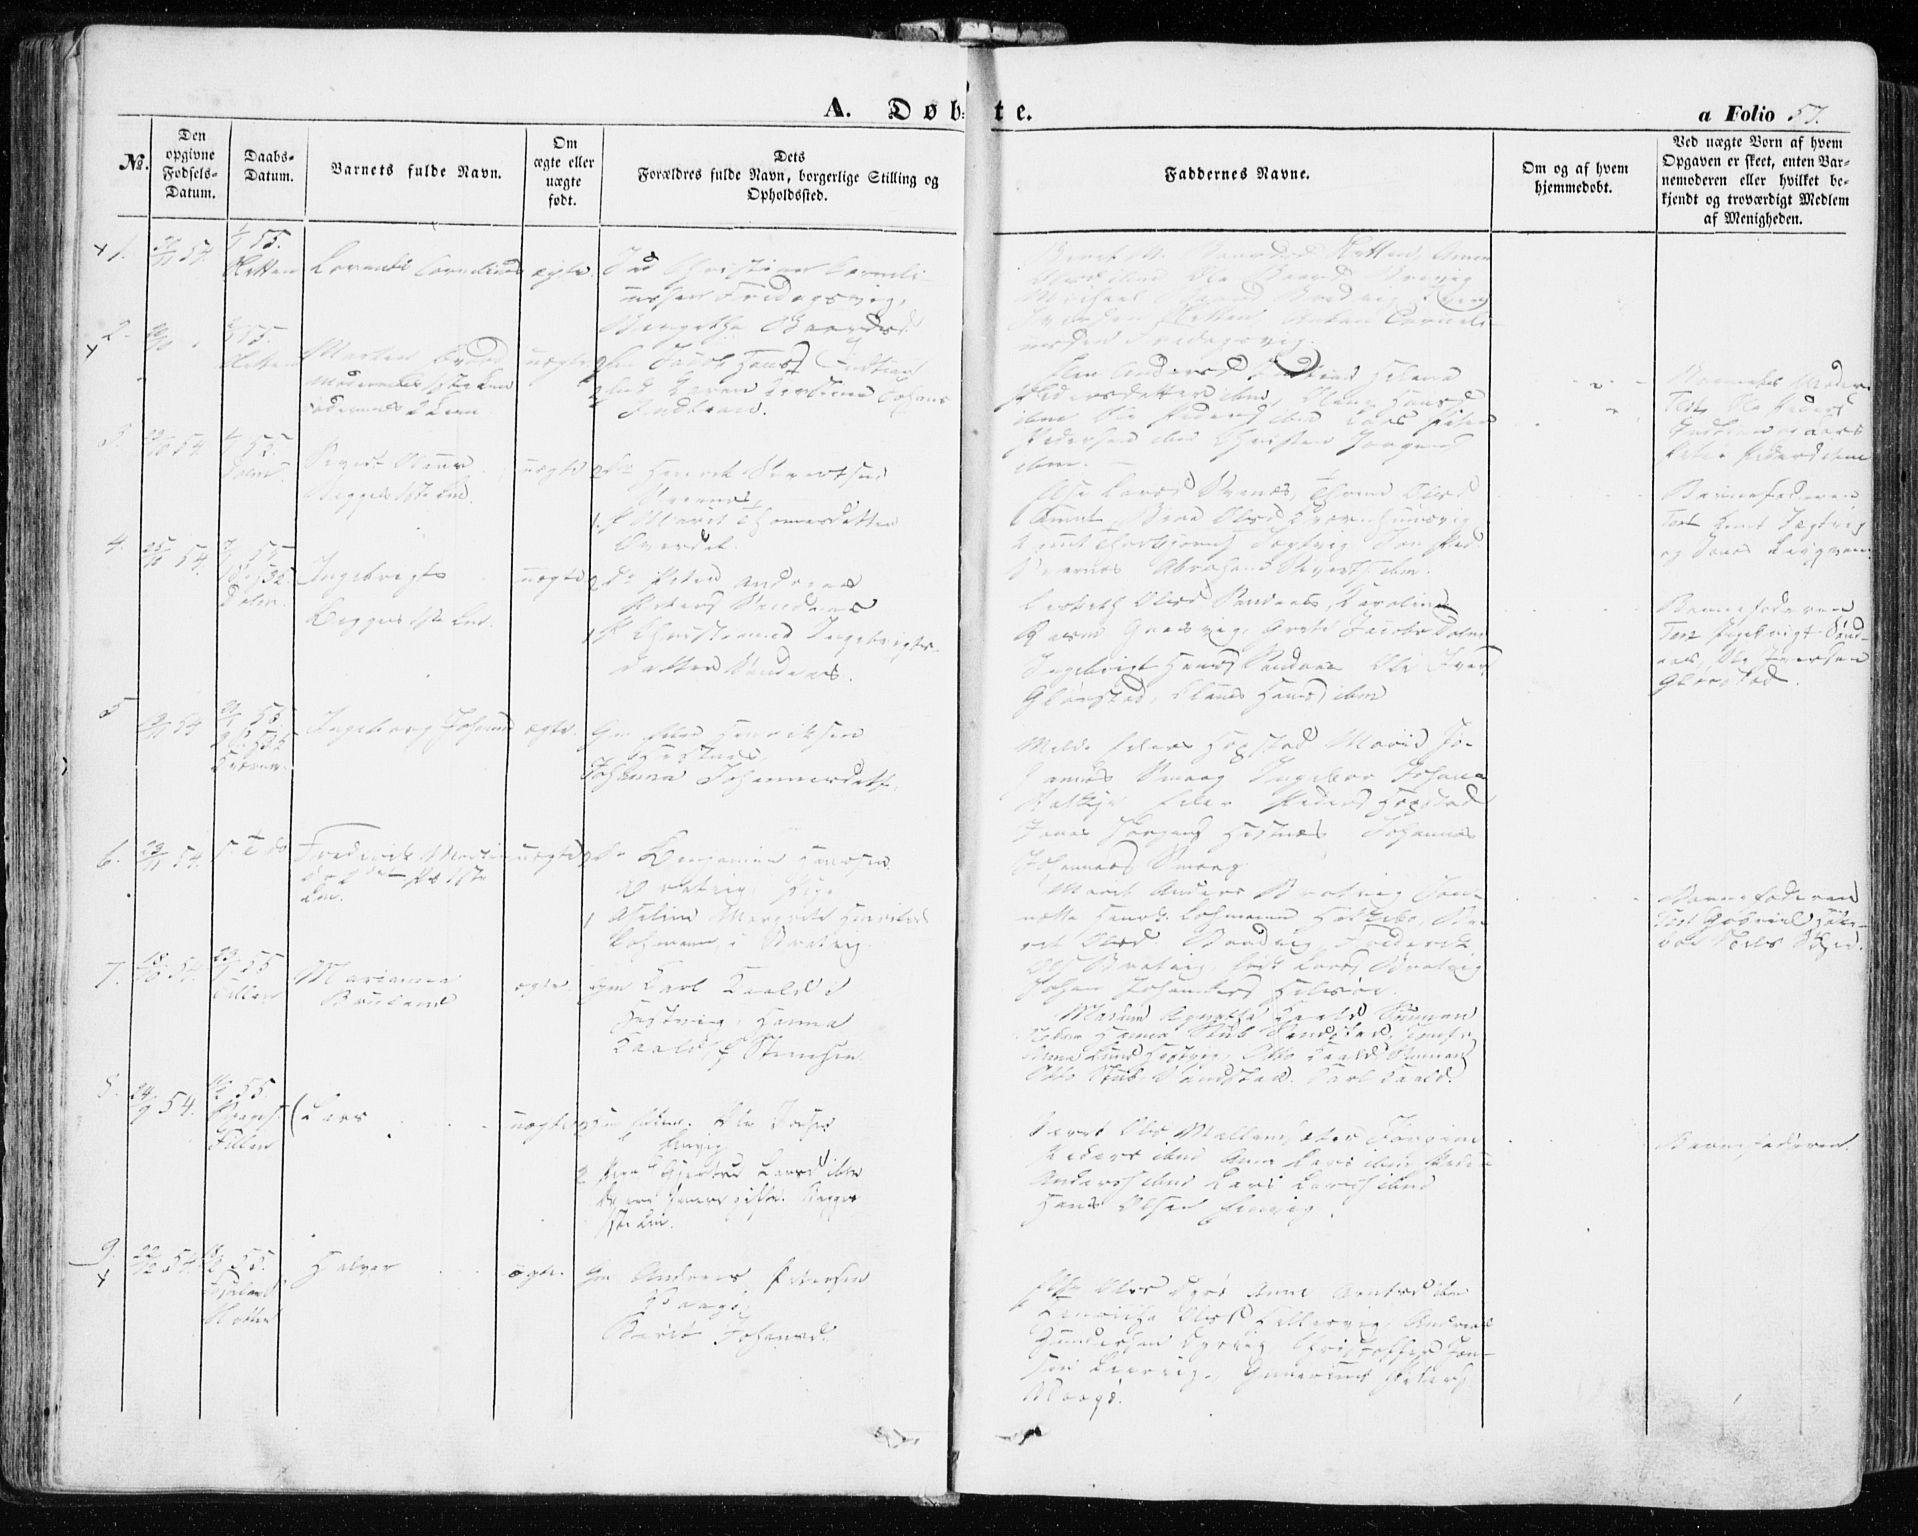 SAT, Ministerialprotokoller, klokkerbøker og fødselsregistre - Sør-Trøndelag, 634/L0530: Ministerialbok nr. 634A06, 1852-1860, s. 57